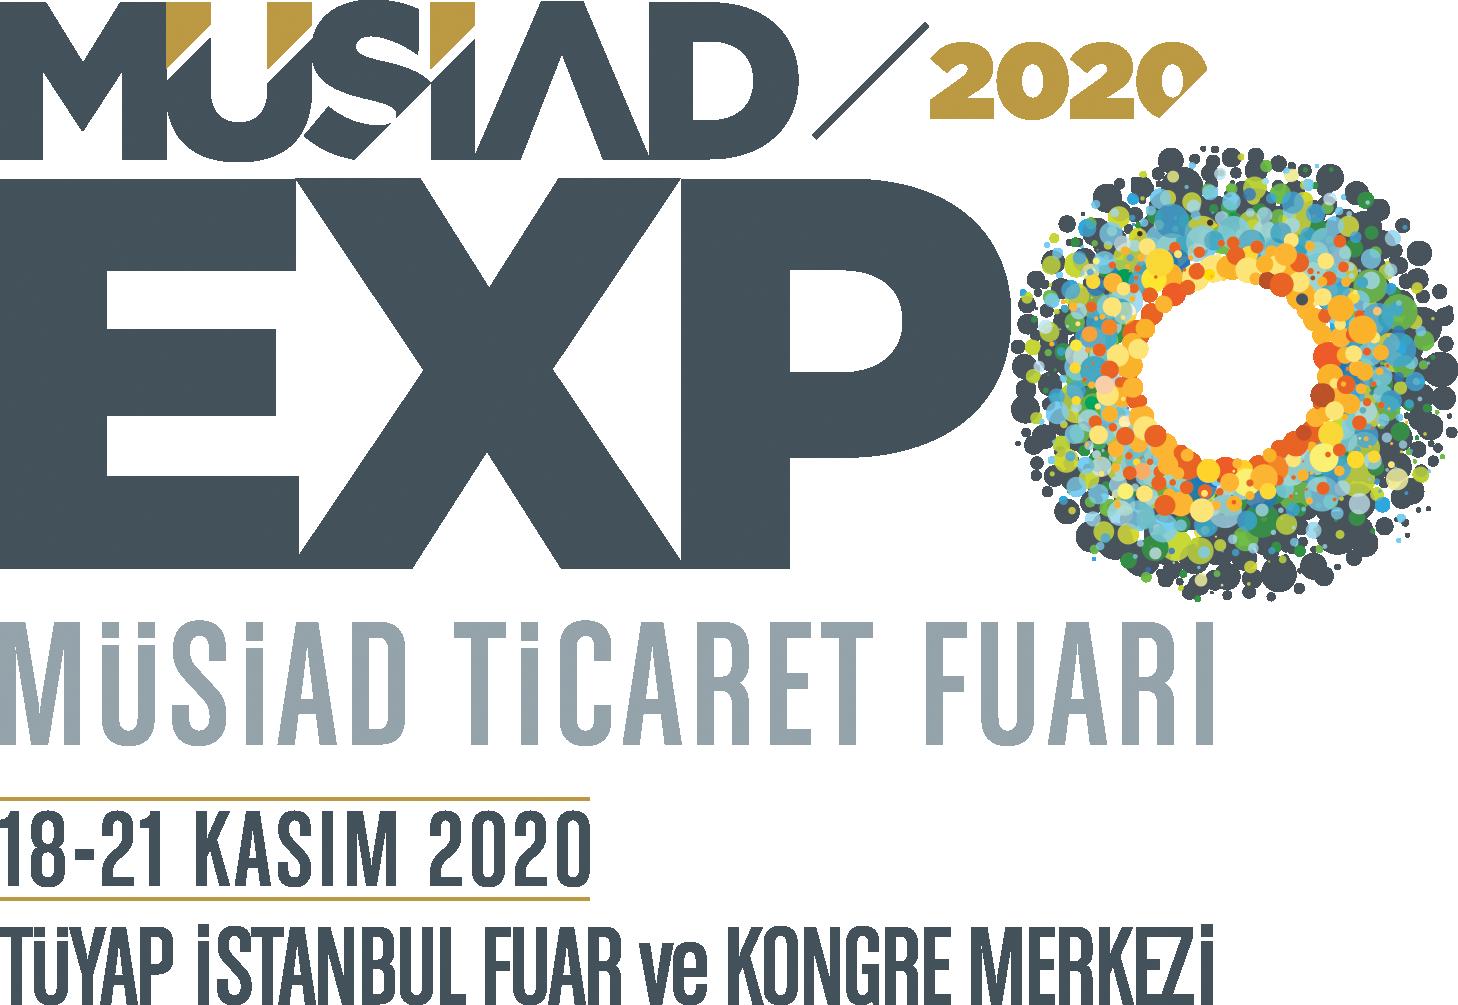 MÜSİAD Expo 2020 İçin Geri Sayım Başladı